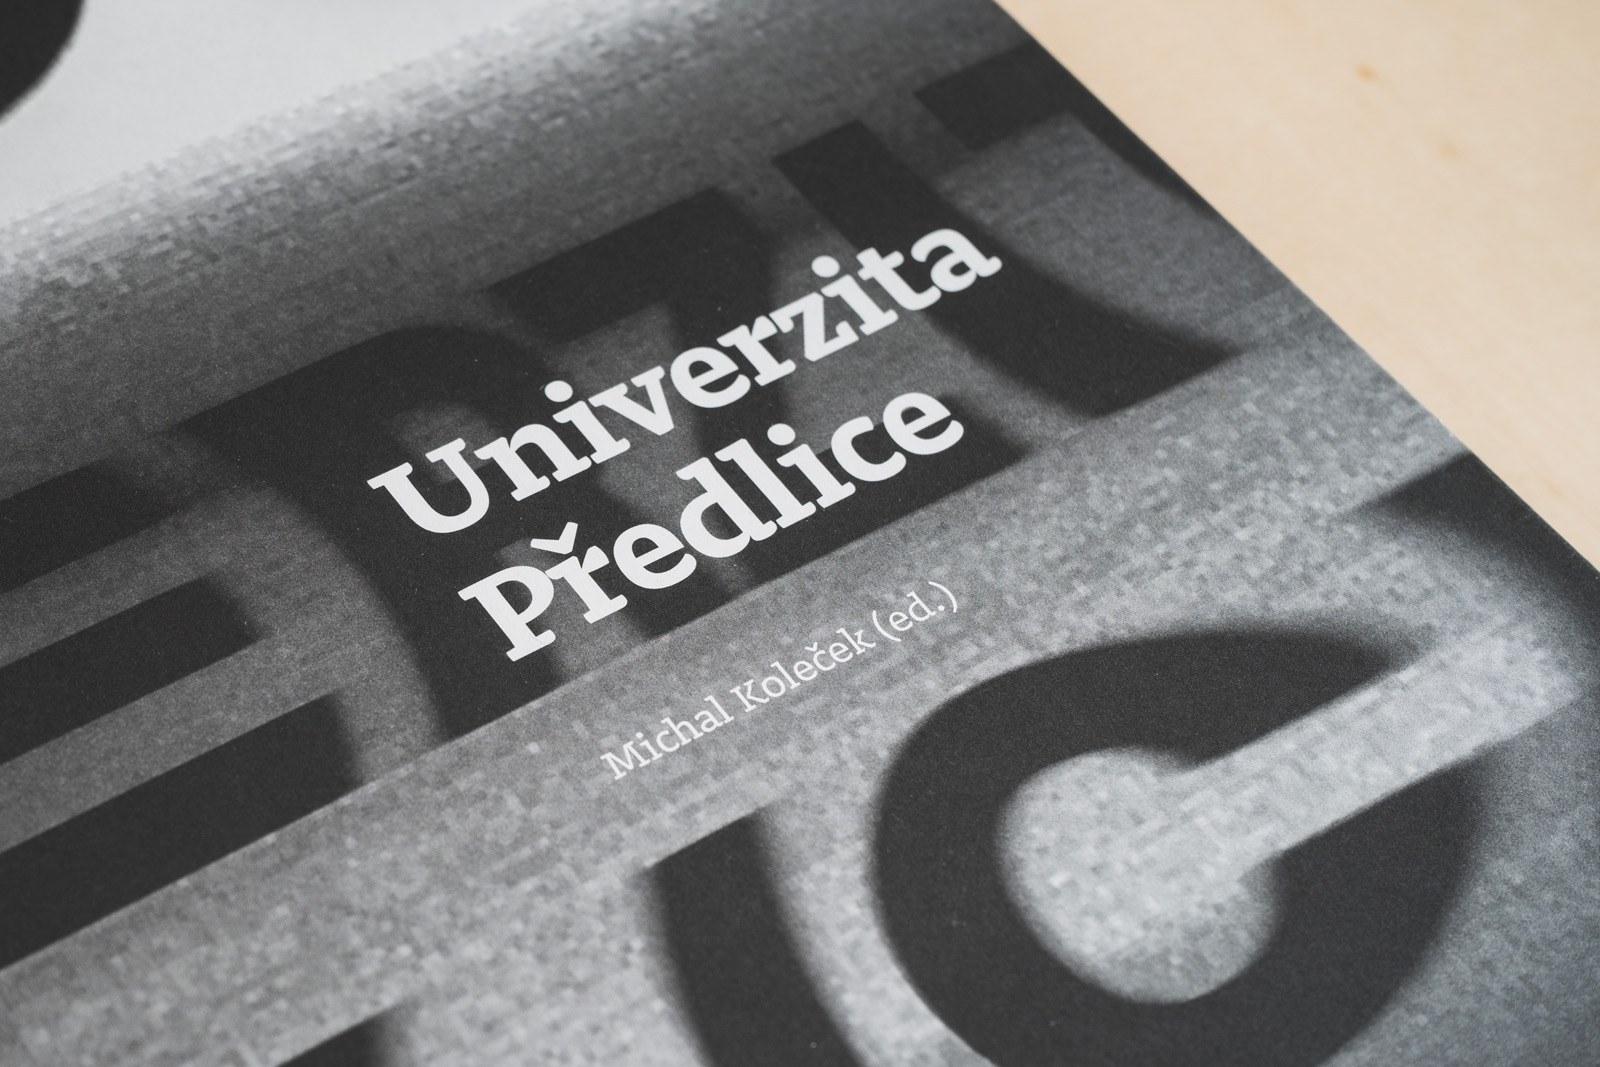 Univerzita Předlice. Edice FUD. Foto Jiří Dvořák